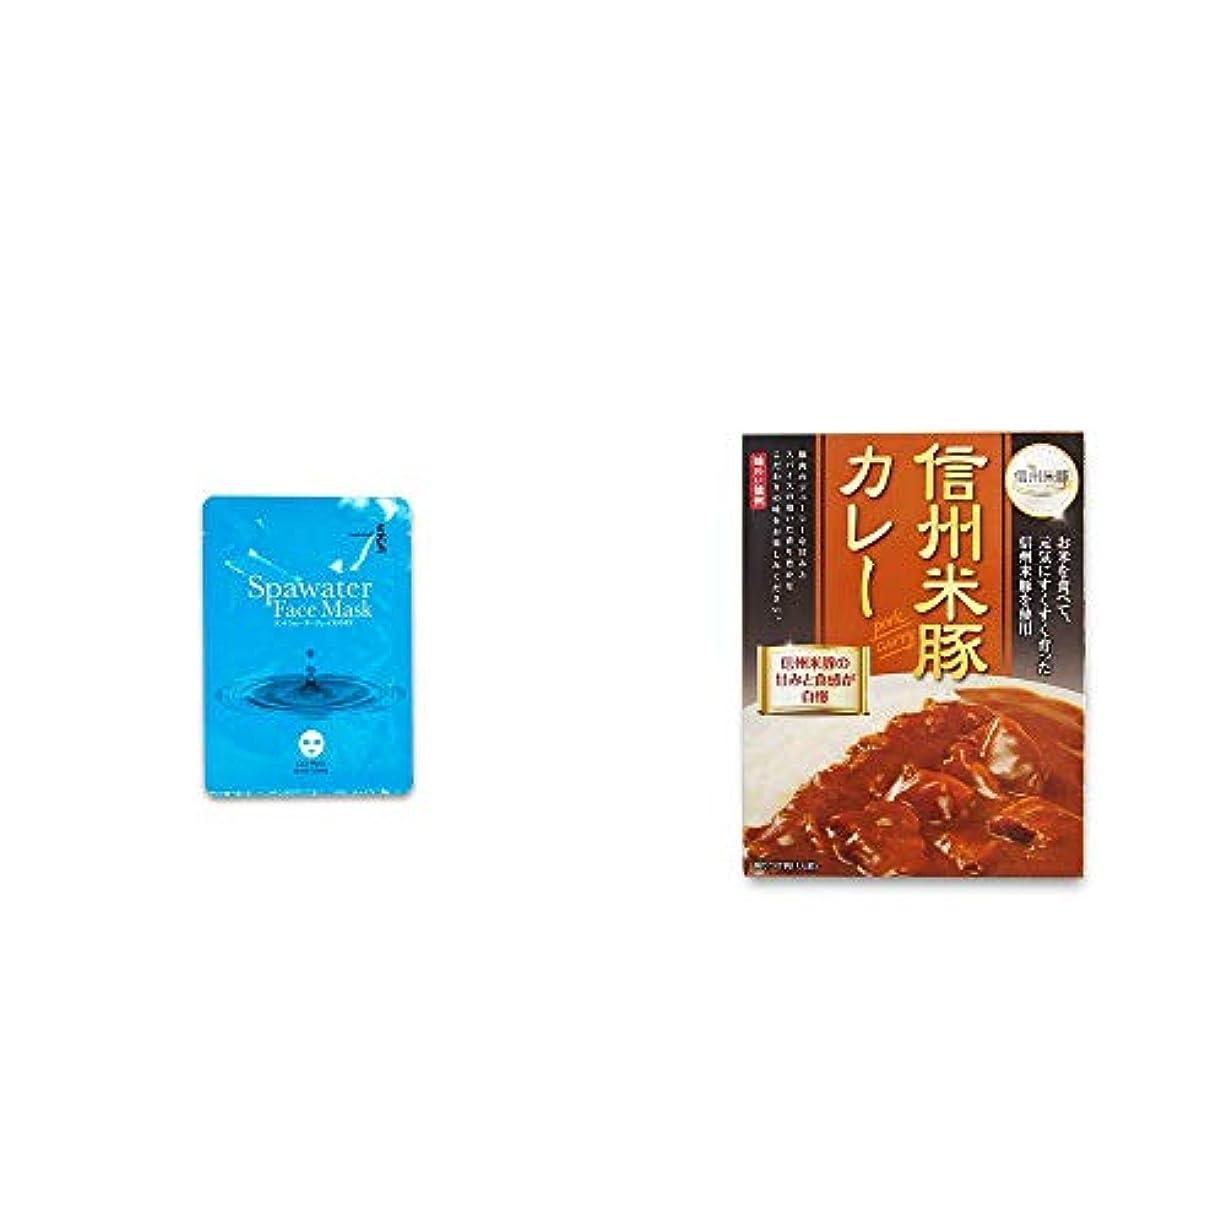 文明化ピグマリオン入札[2点セット] ひのき炭黒泉 スパウォーターフェイスマスク(18ml×3枚入)?信州米豚カレー(1食分)